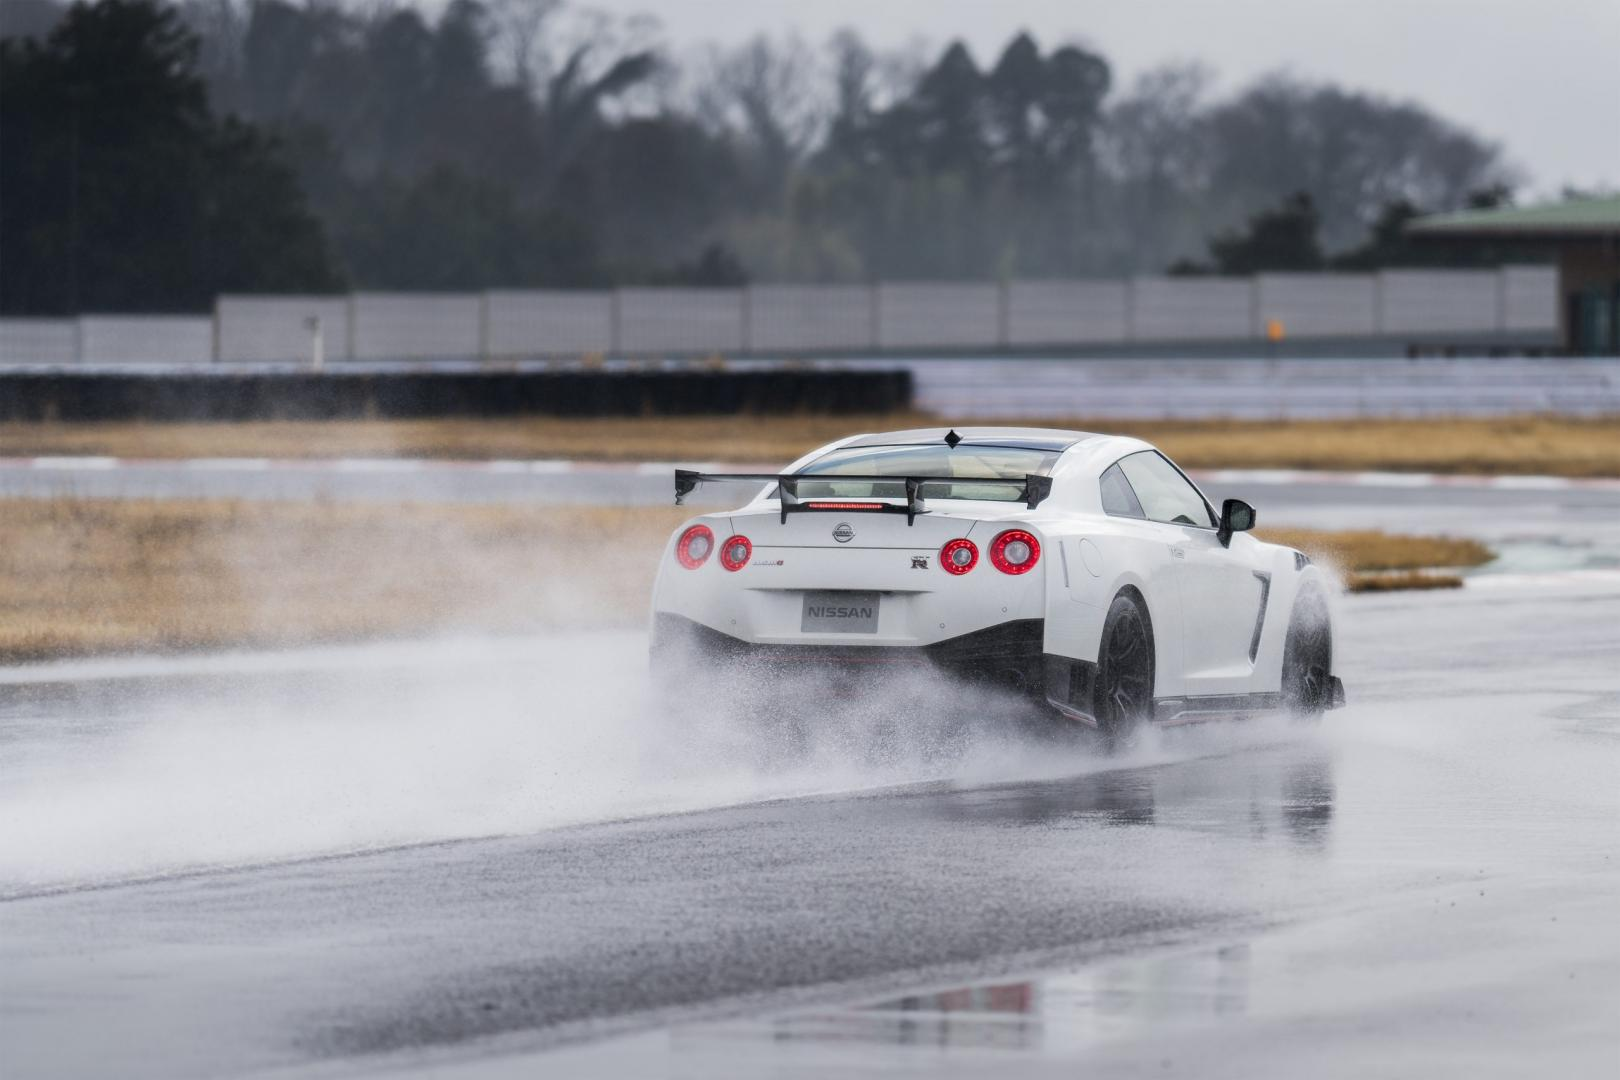 Nissan GT-R Nismo 2020 circuit regen